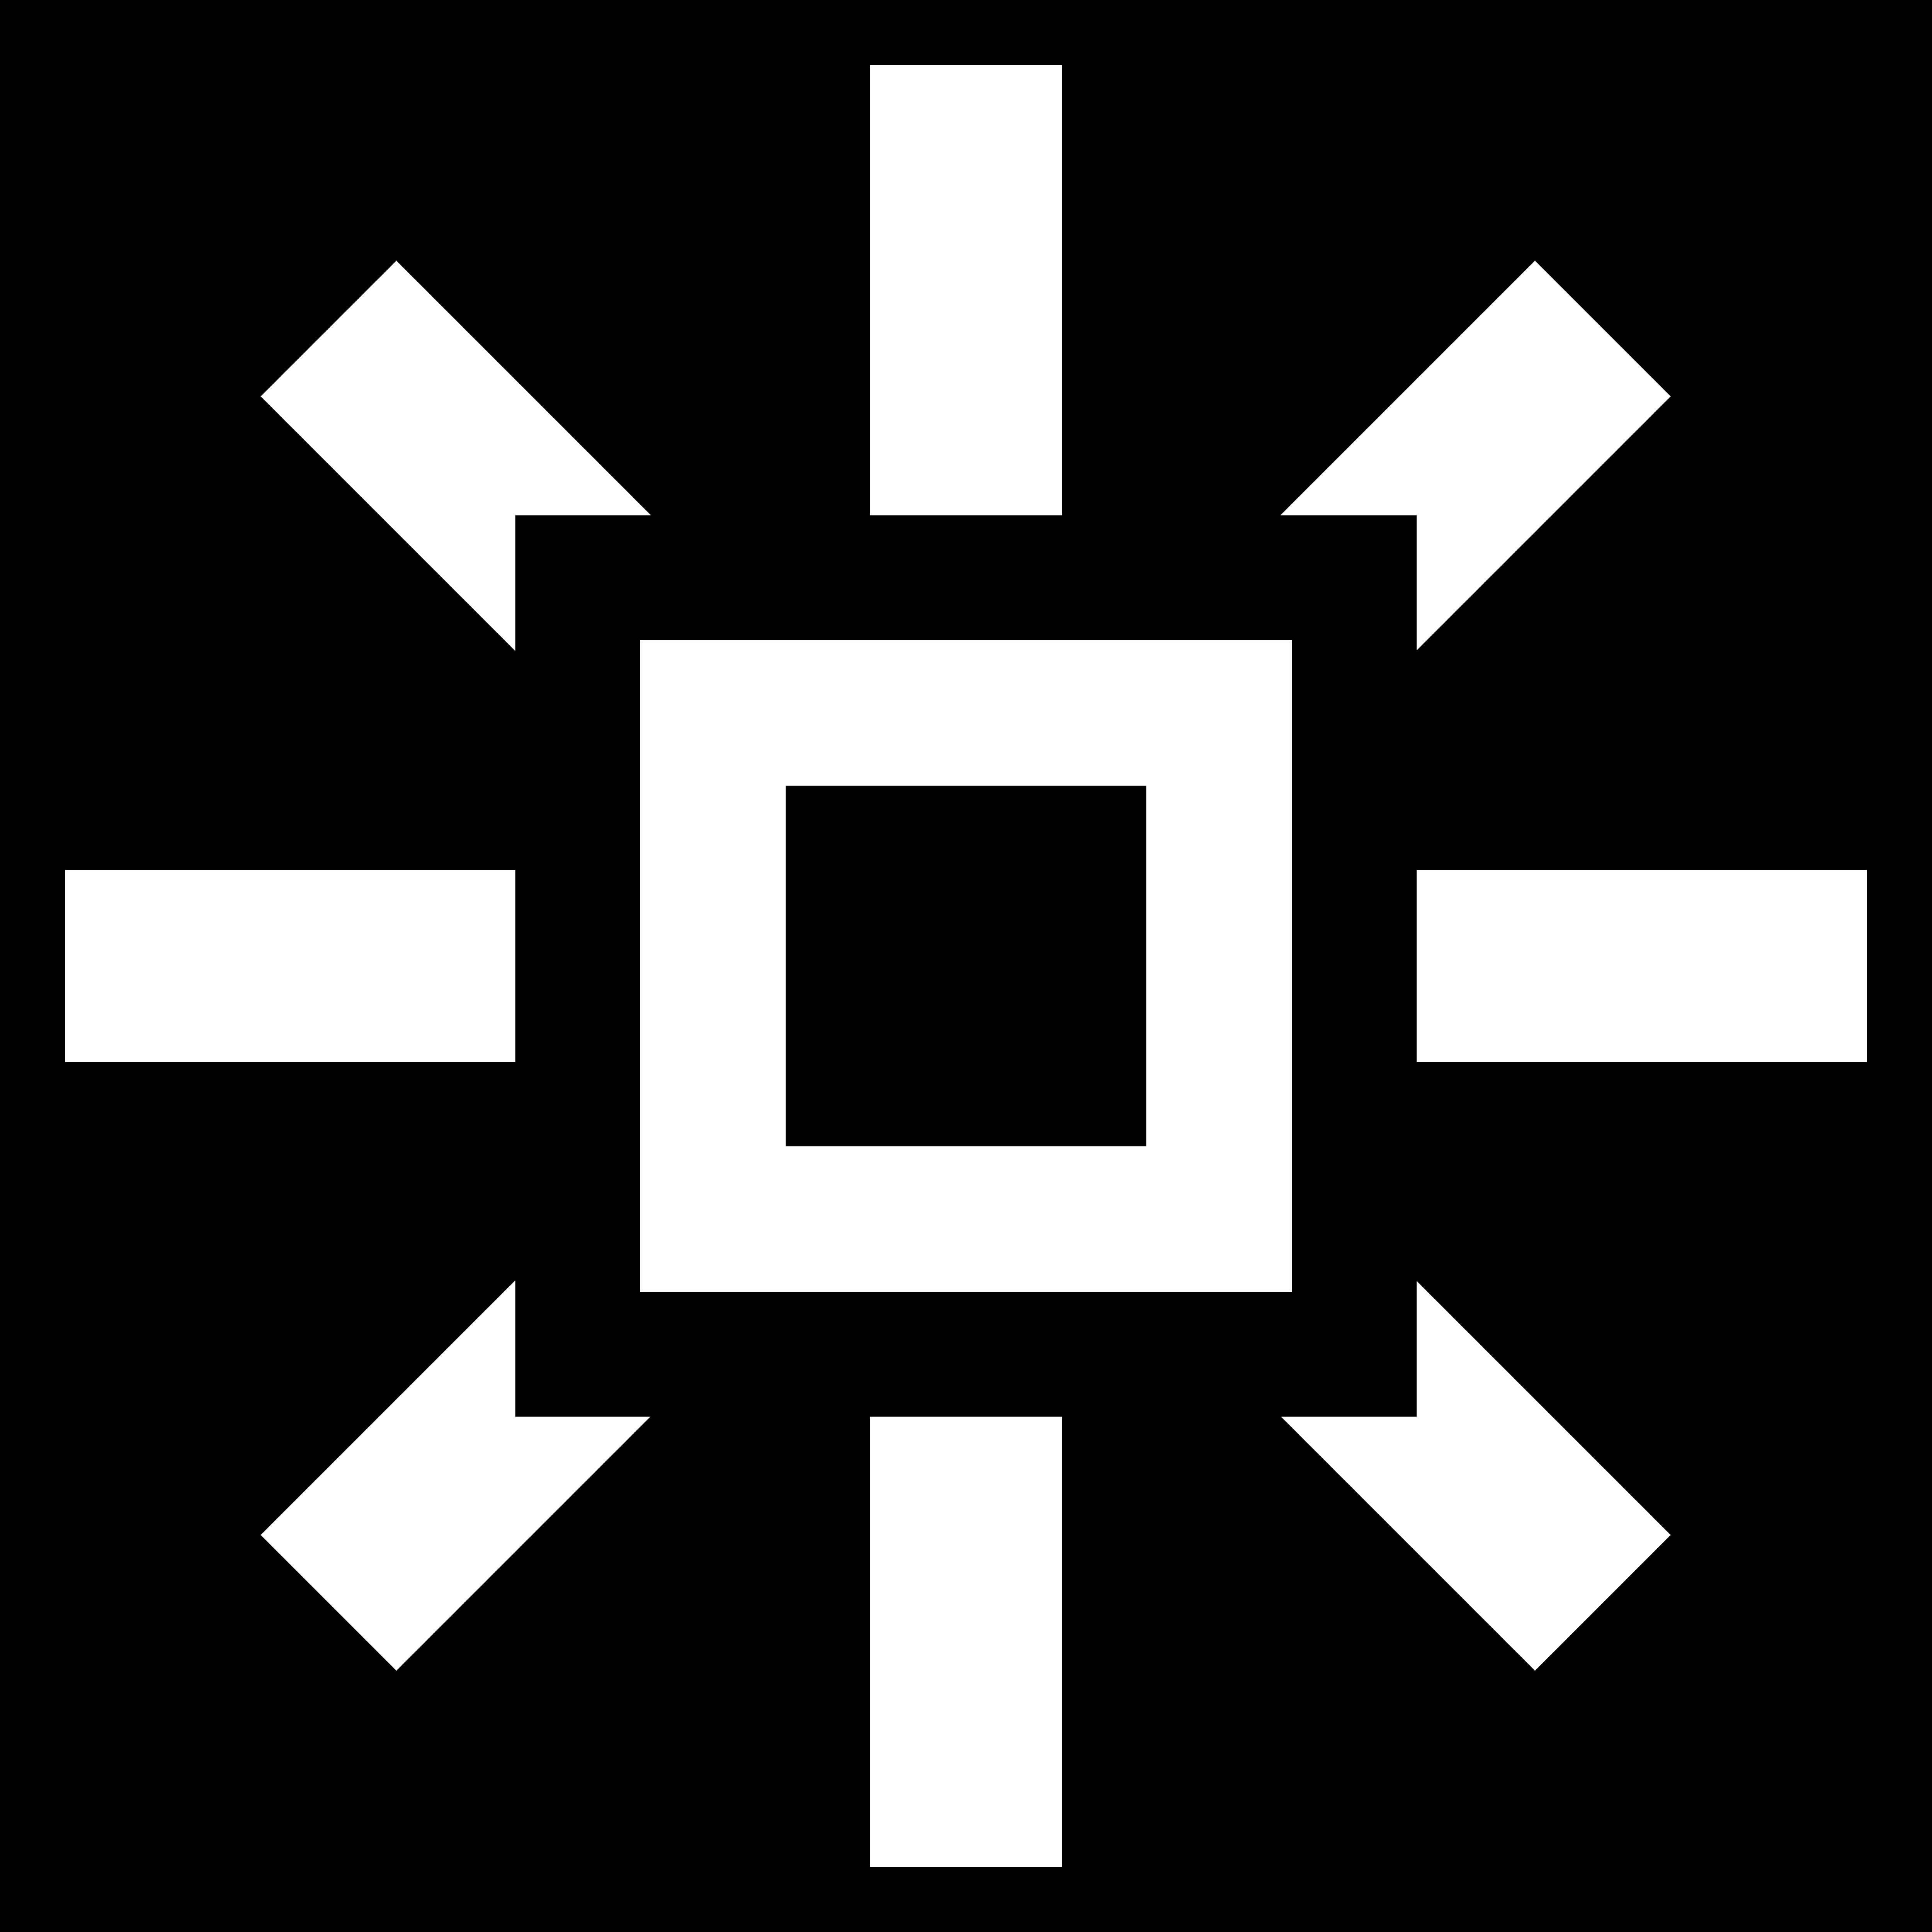 File:Ezic ending logo.png